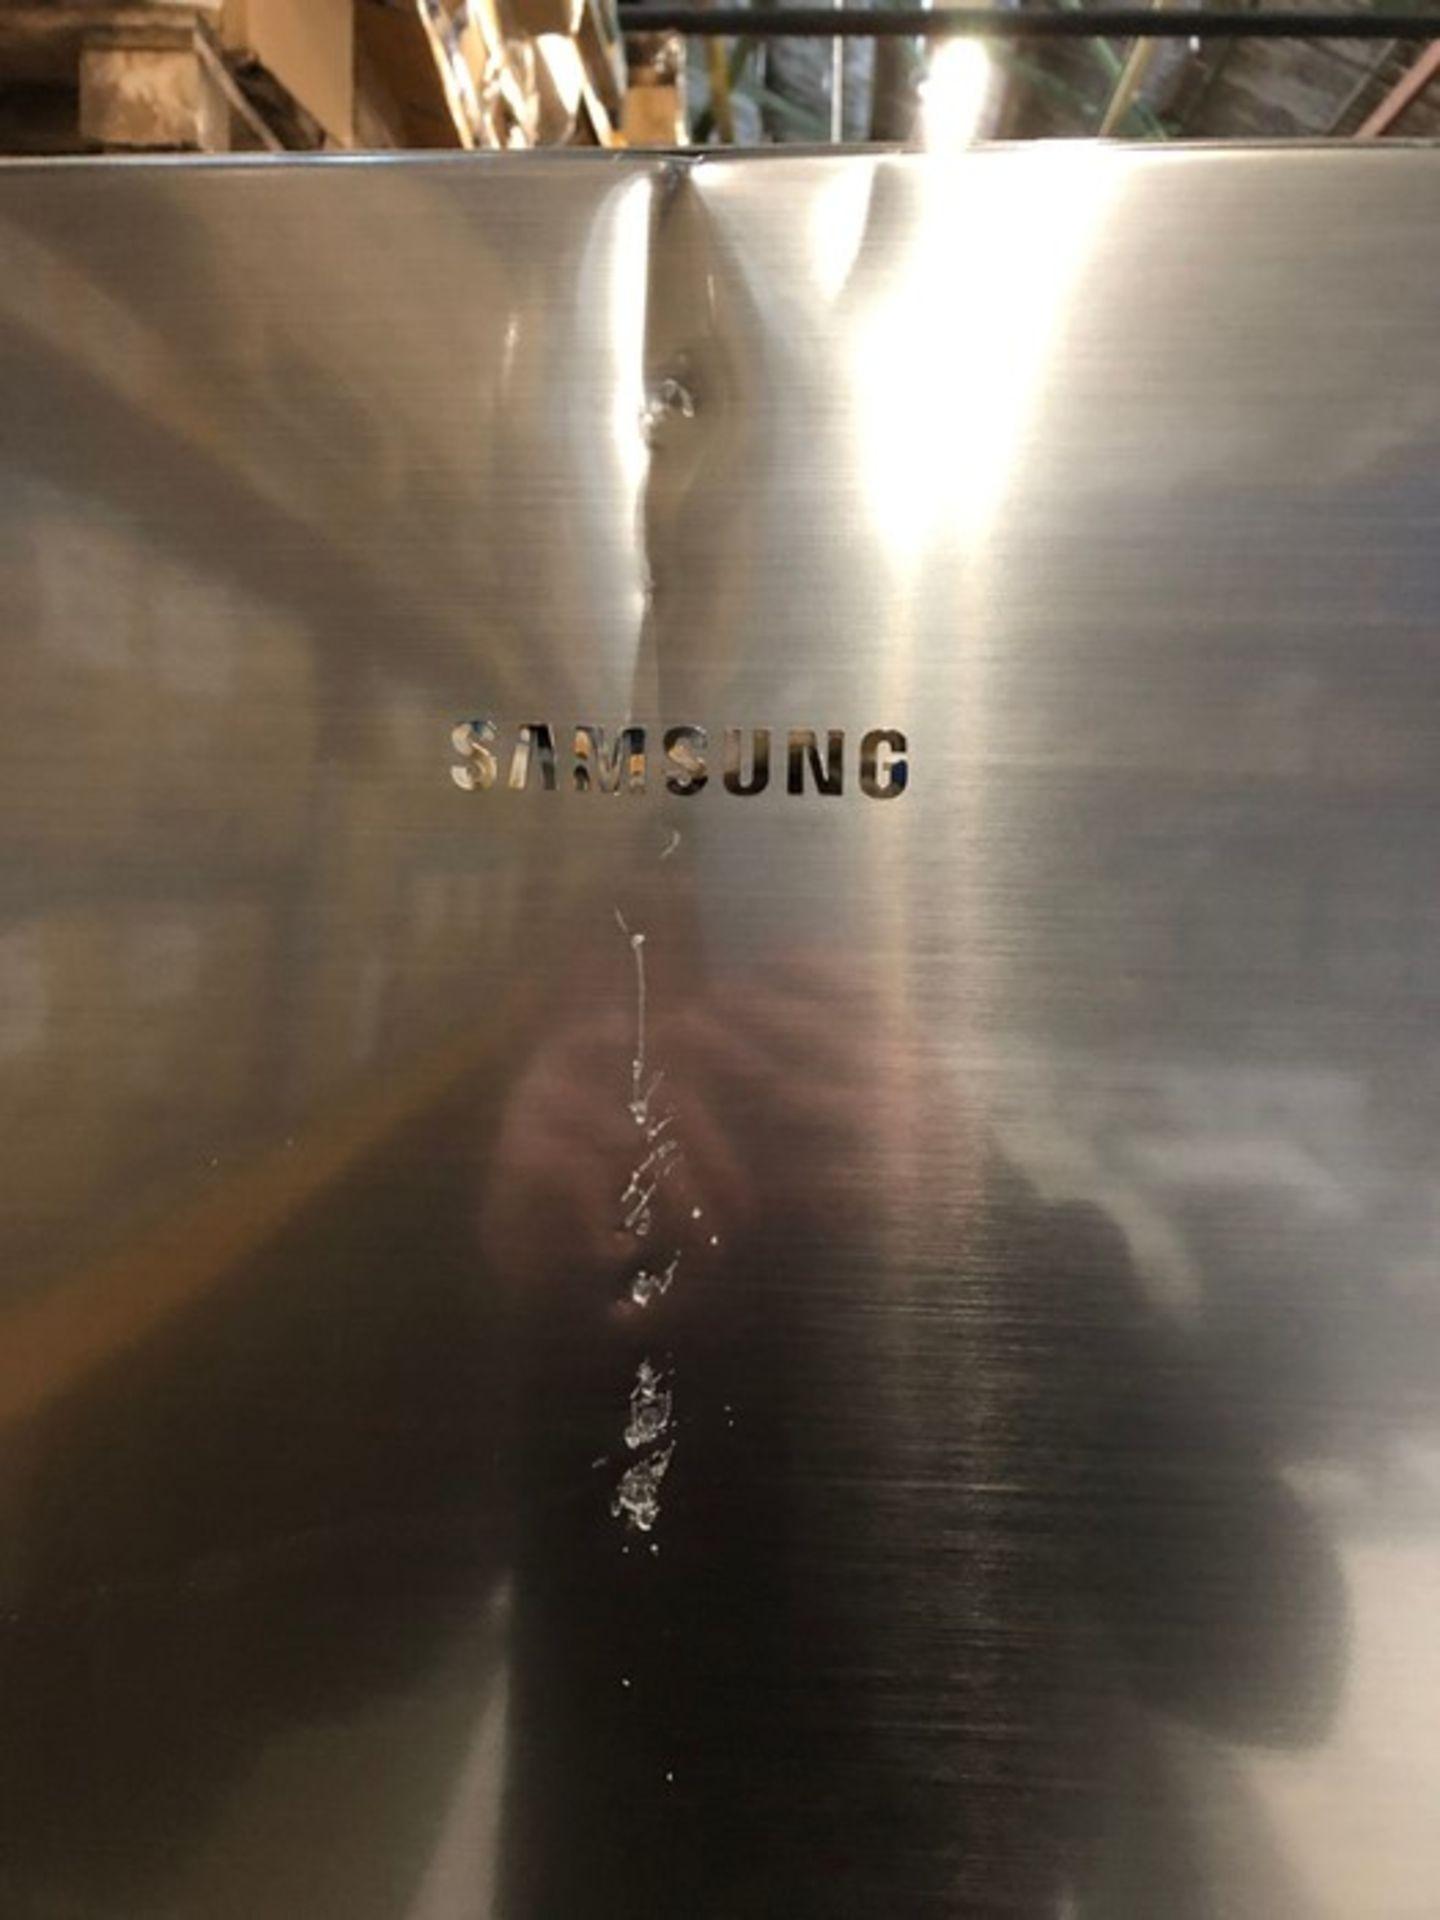 SAMSUNG RB29FWRNDSS FRIDGE FREEZER - Image 4 of 5